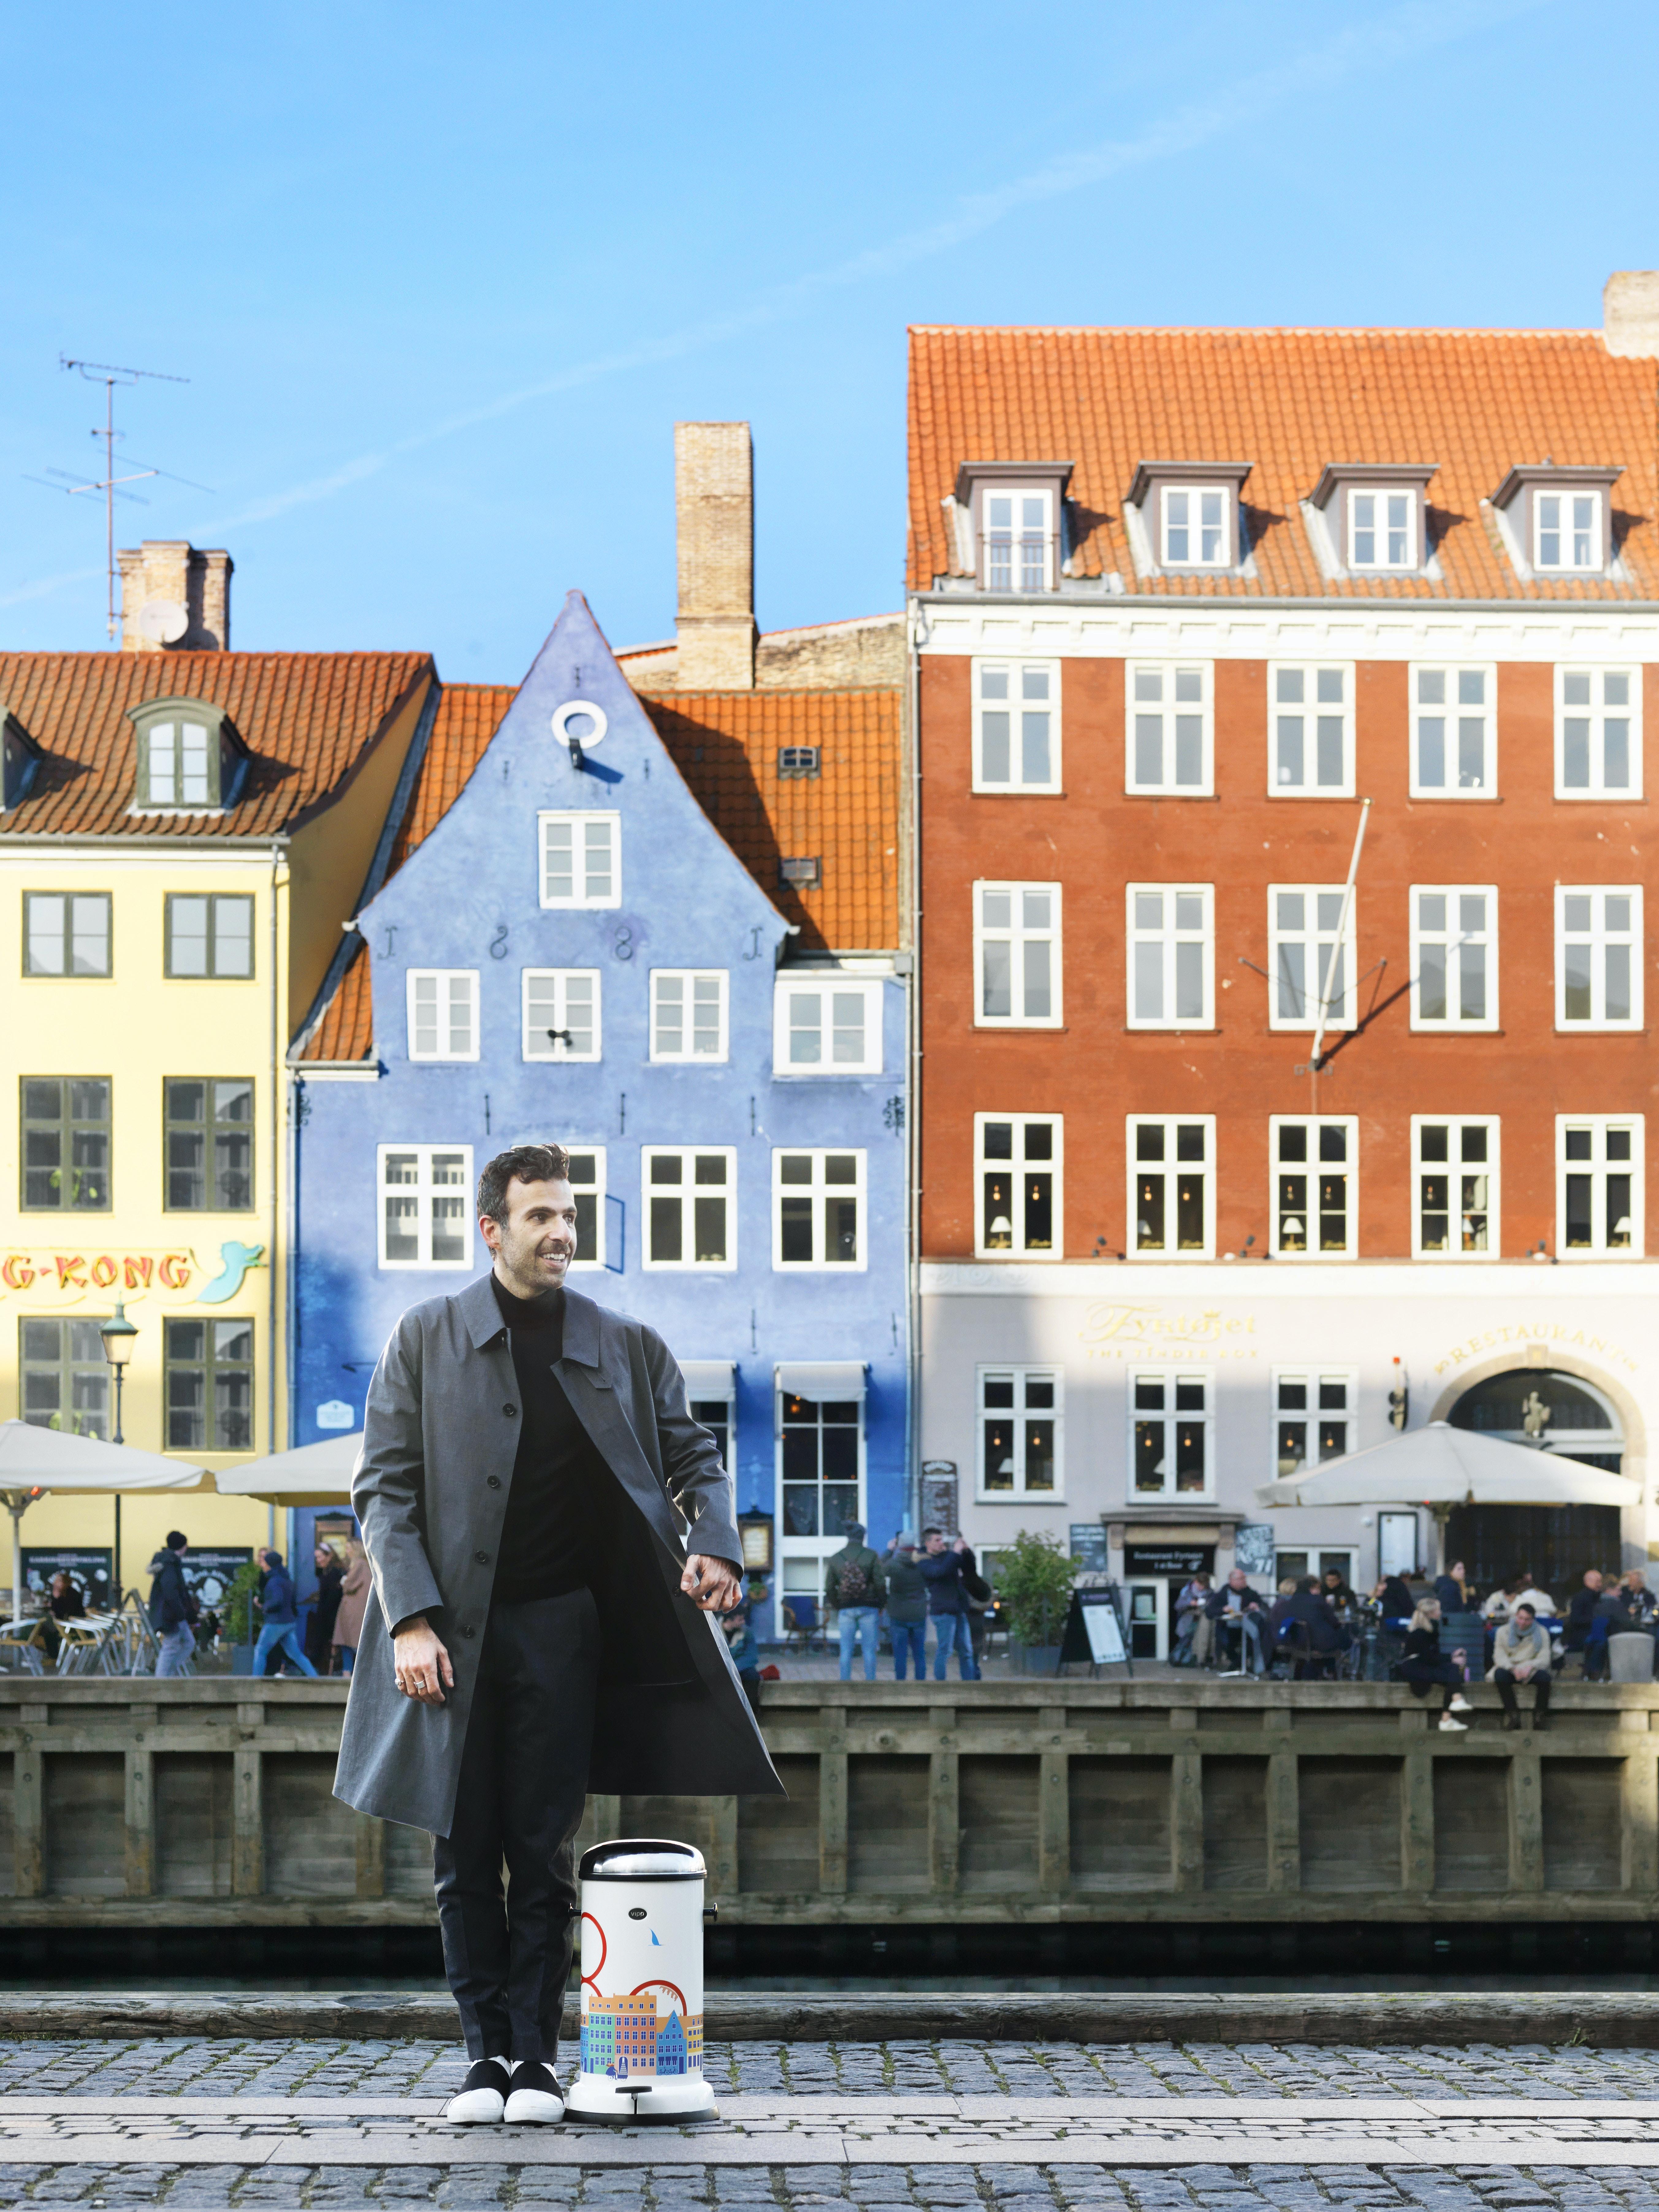 Den franske kunstner Vahram Muratyan har lavet en Vipp pedalspand med illustration der hylder København